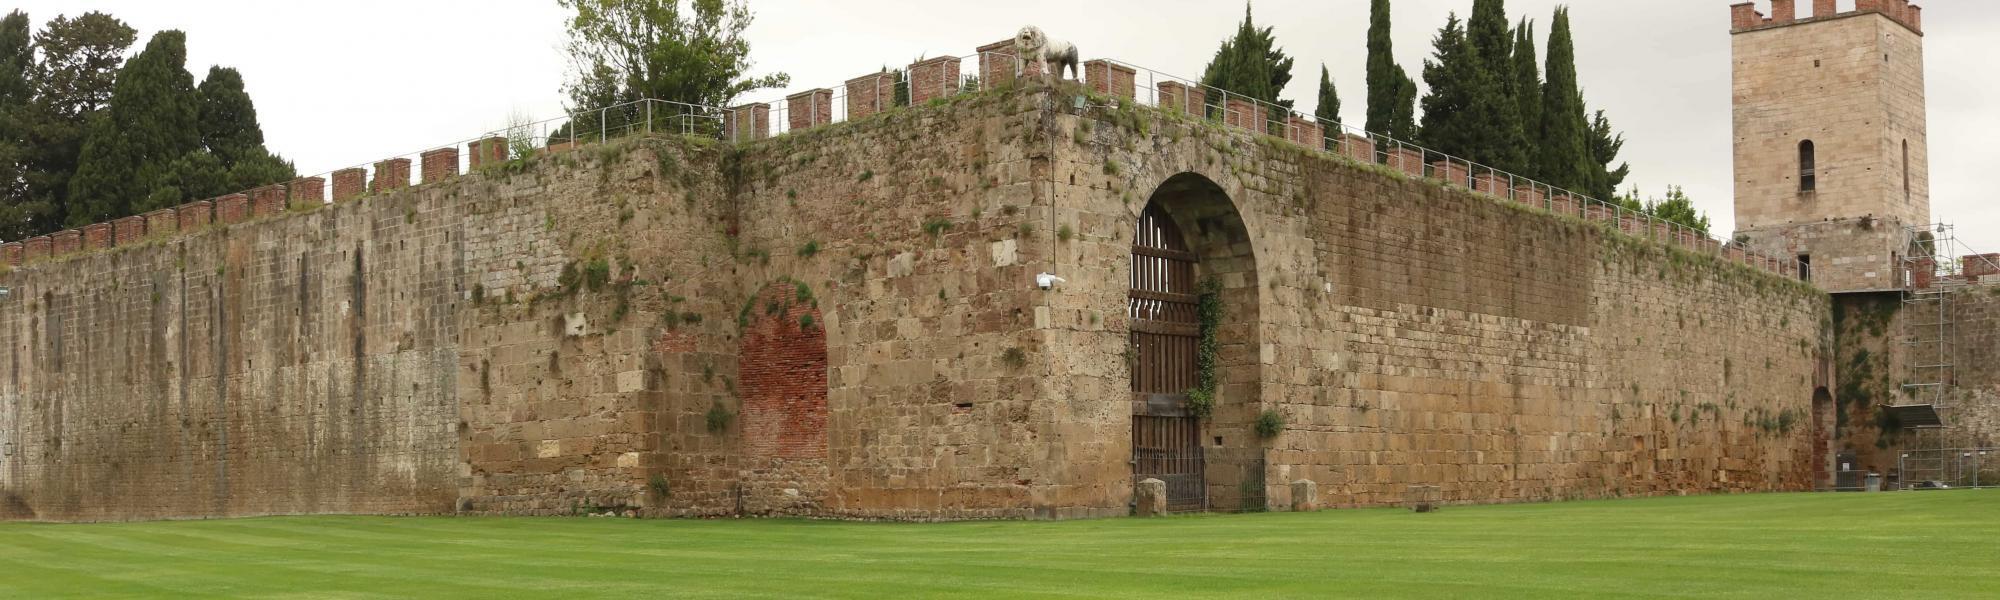 Porta del Leone _ Mura medievali e porte (A. Matteucci)